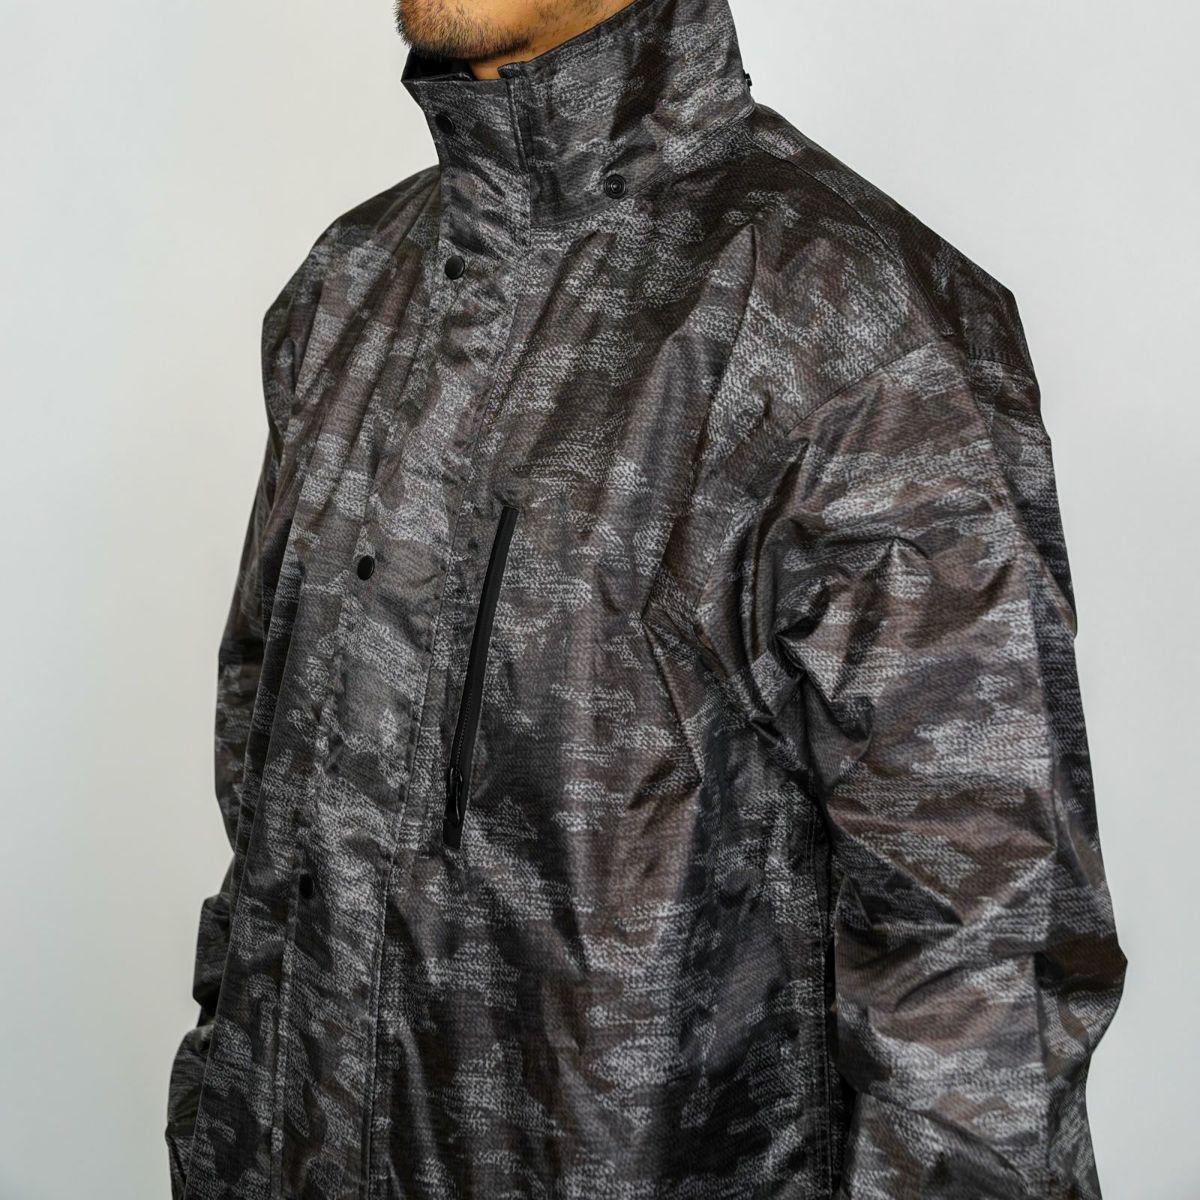 詳細:着用イメージ メランジ ジャケット  [男性モデルのサイズ]身長:174cm 着用サイズ:L